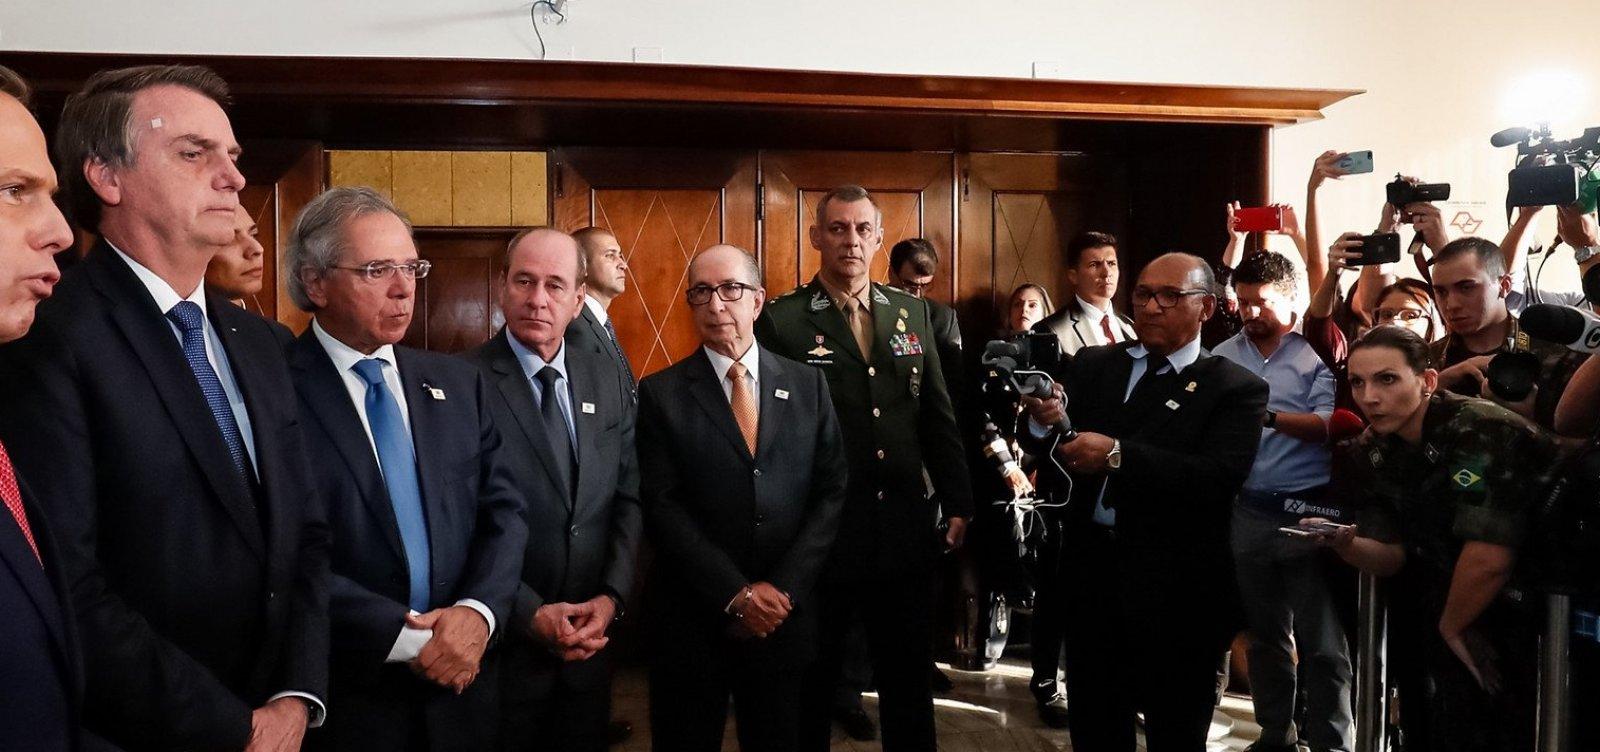 [Bolsonaro abandona entrevista ao ser questionado sobre situação de Moro; veja]